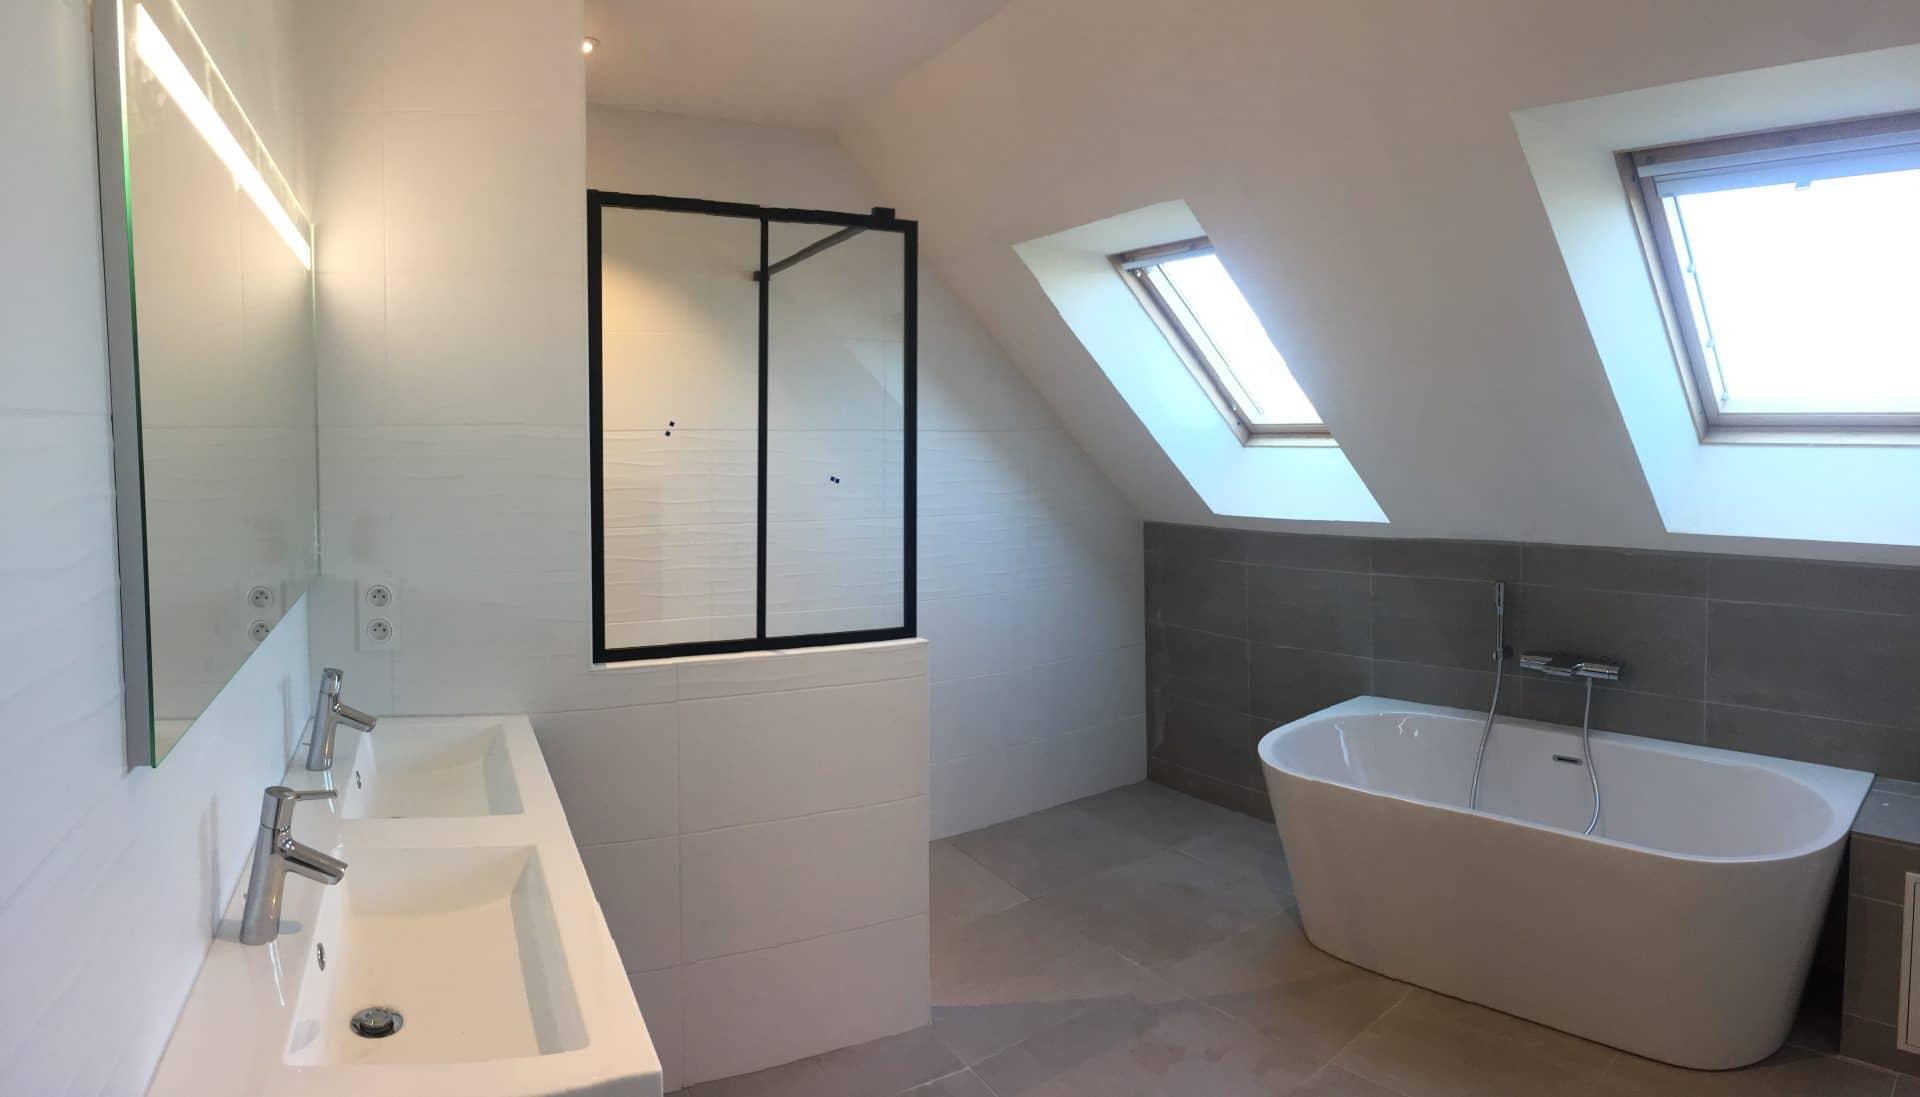 Pose de faïence dans une salle de bain